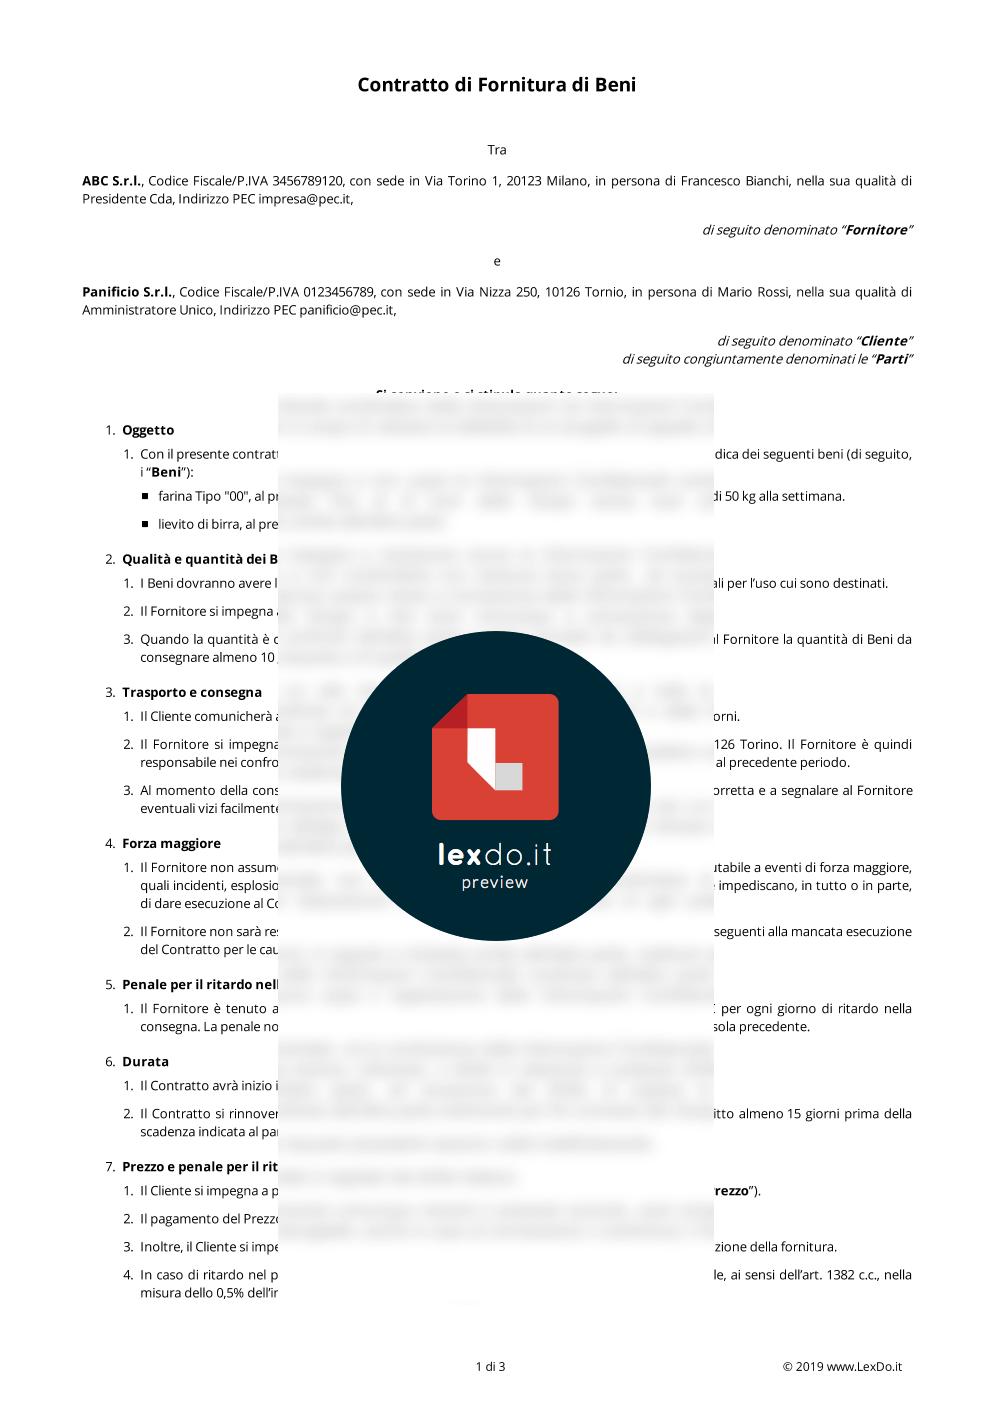 Contratto di Fornitura Periodica di Beni modello